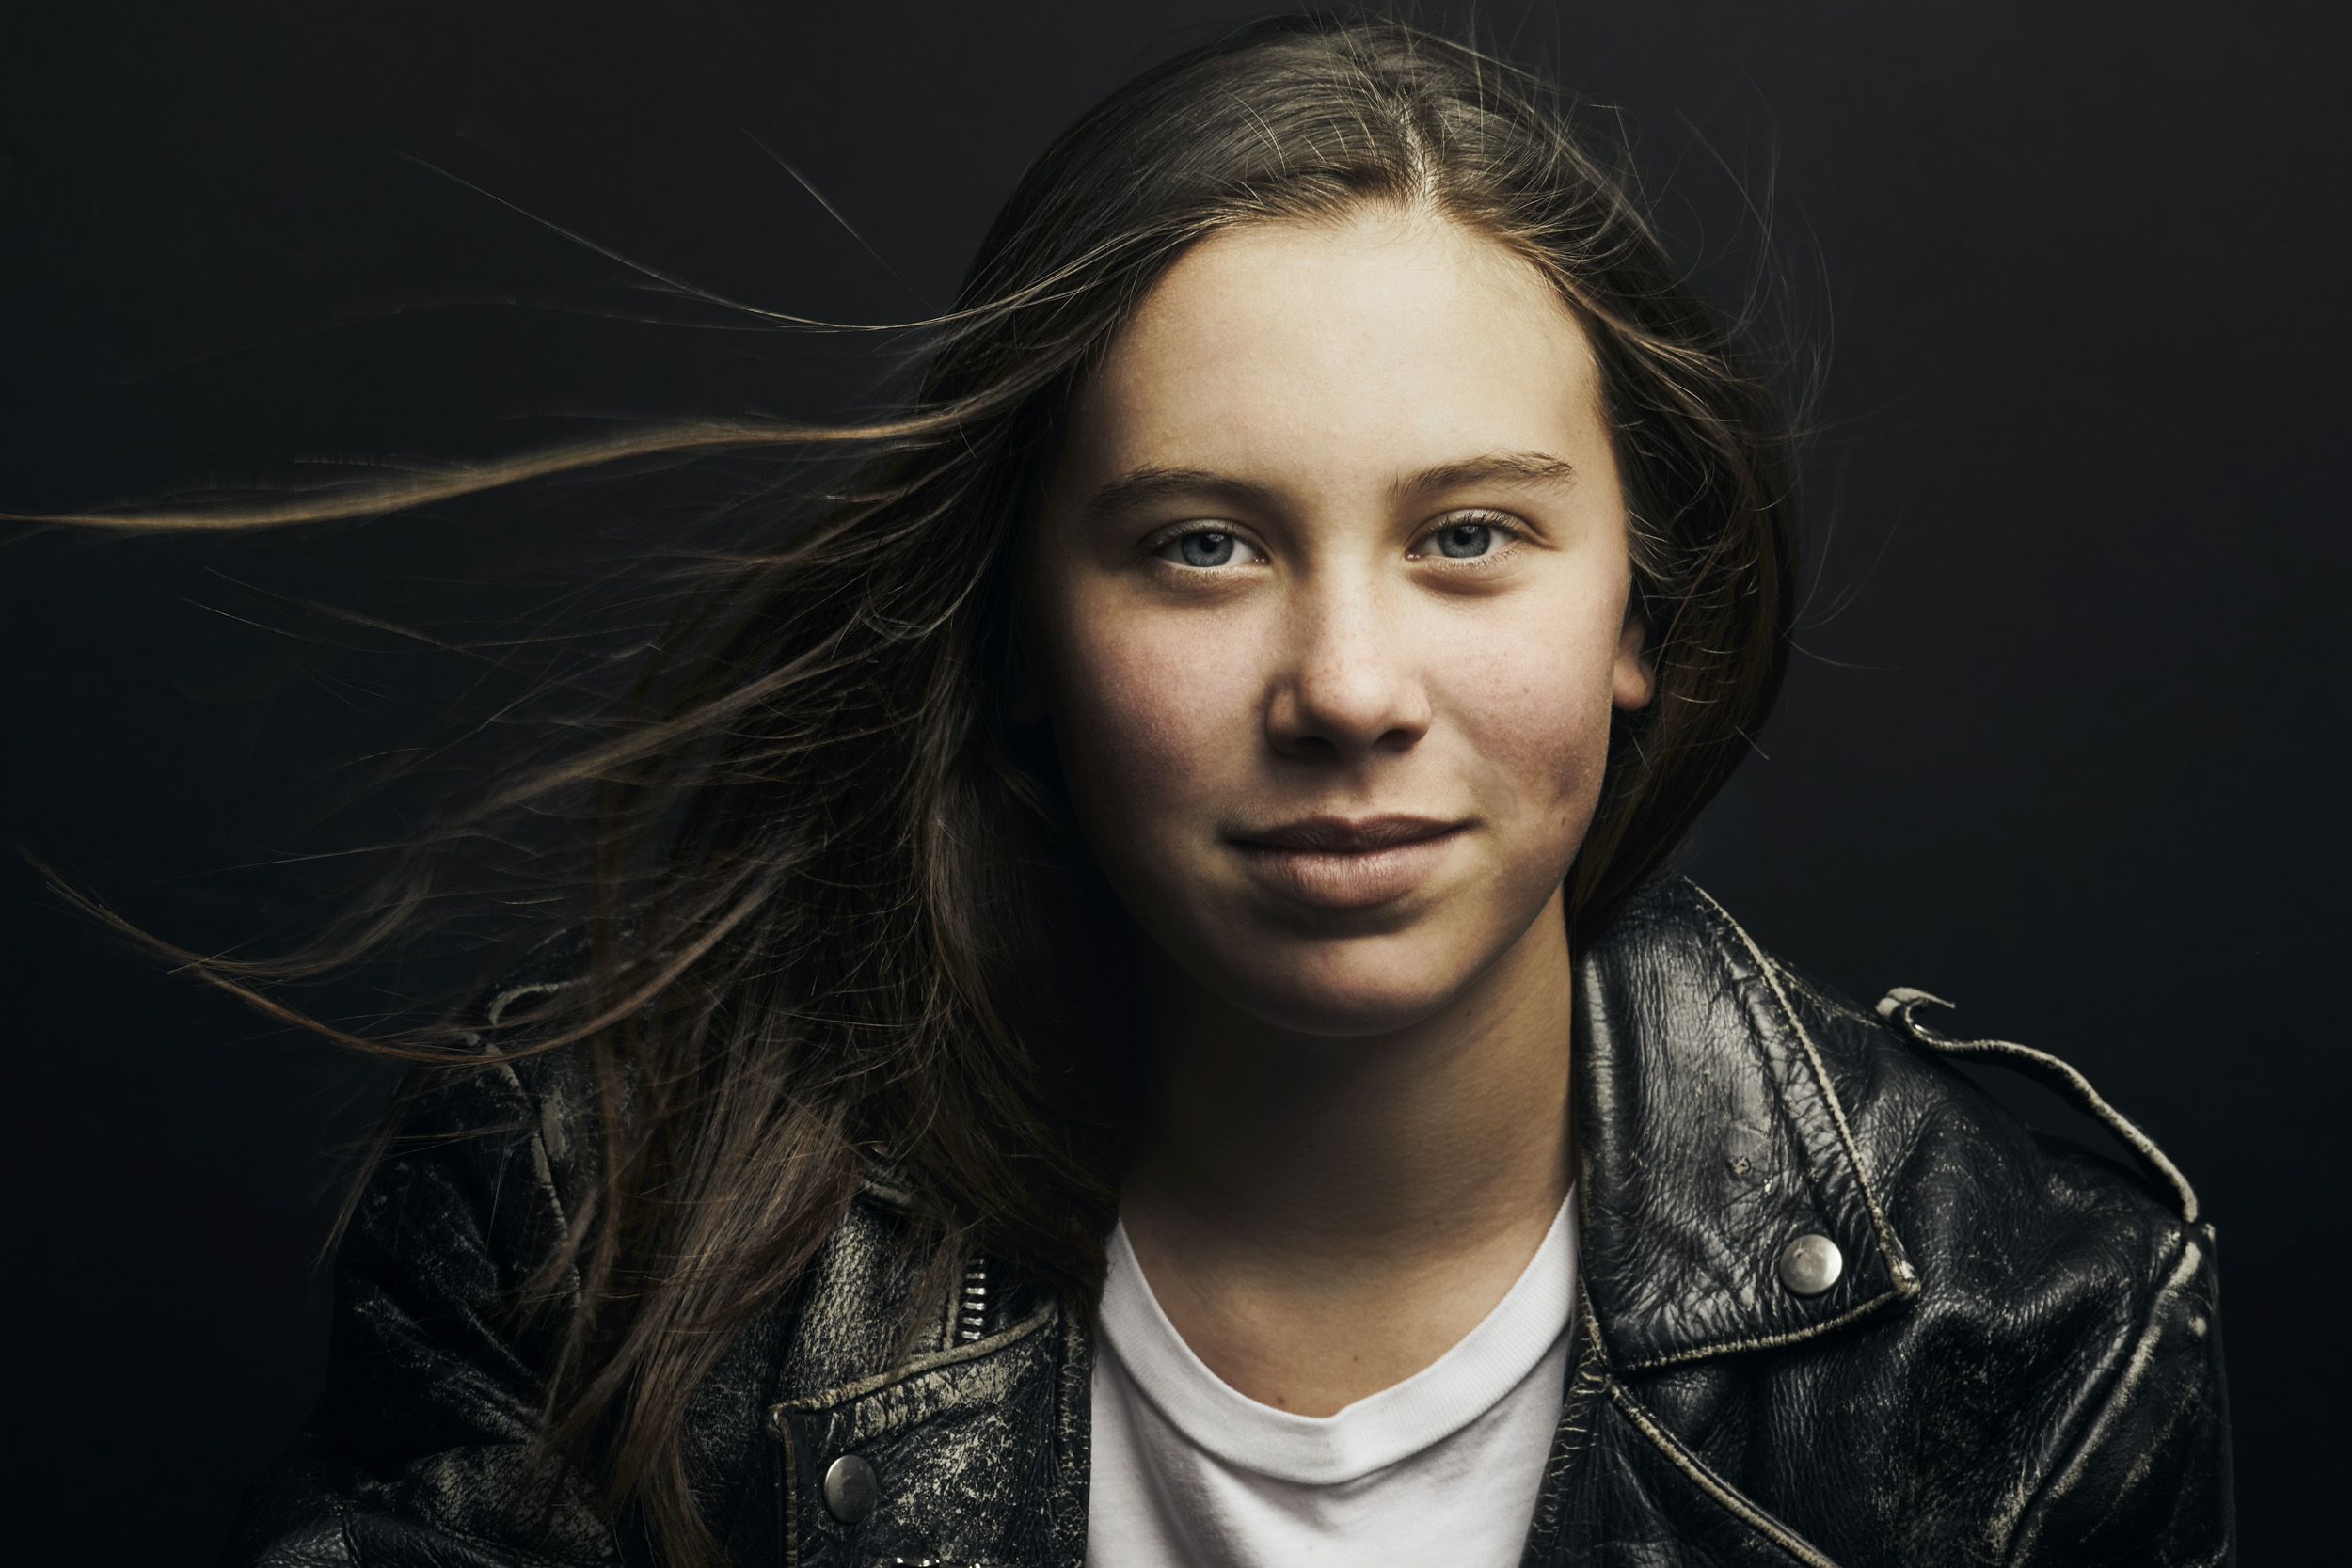 vancouver-portrait-photographer-kyrani-kanavaros-35.jpg